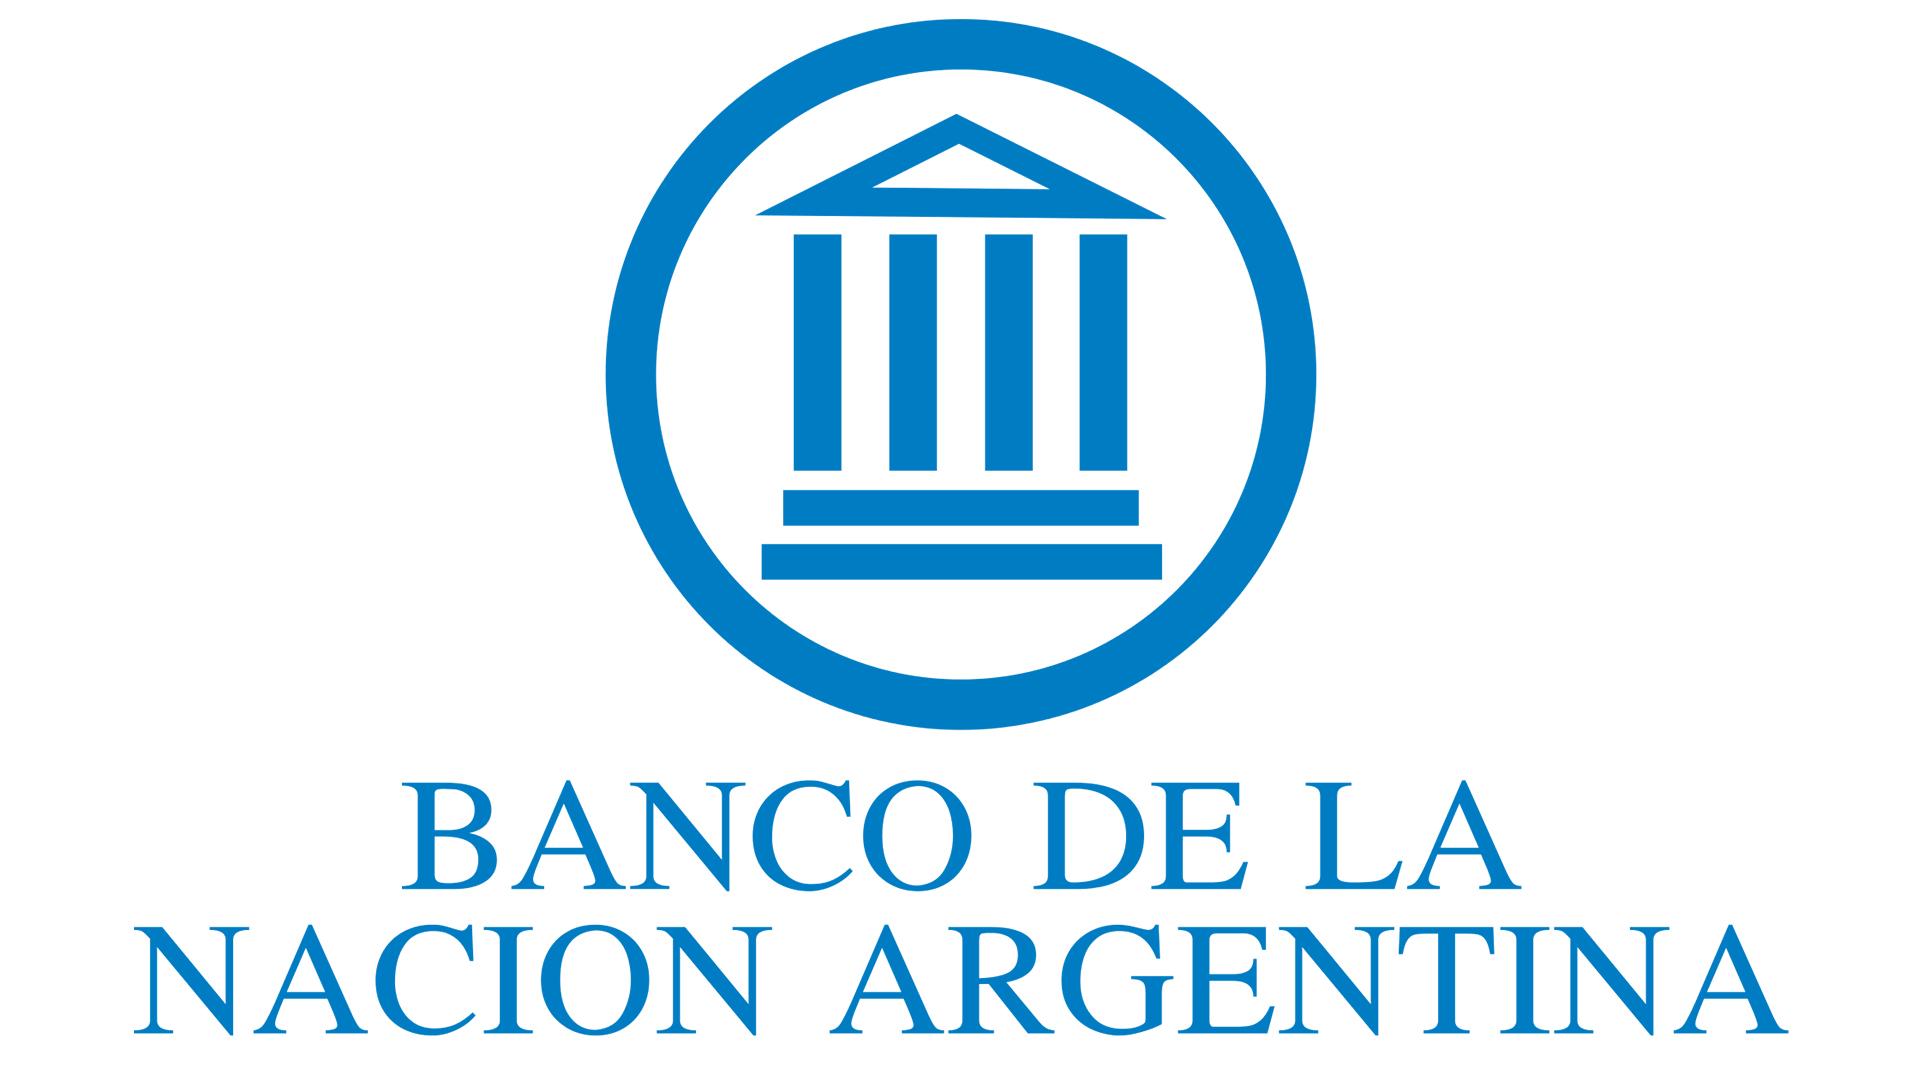 Banco_De_La_Nación_Argentina